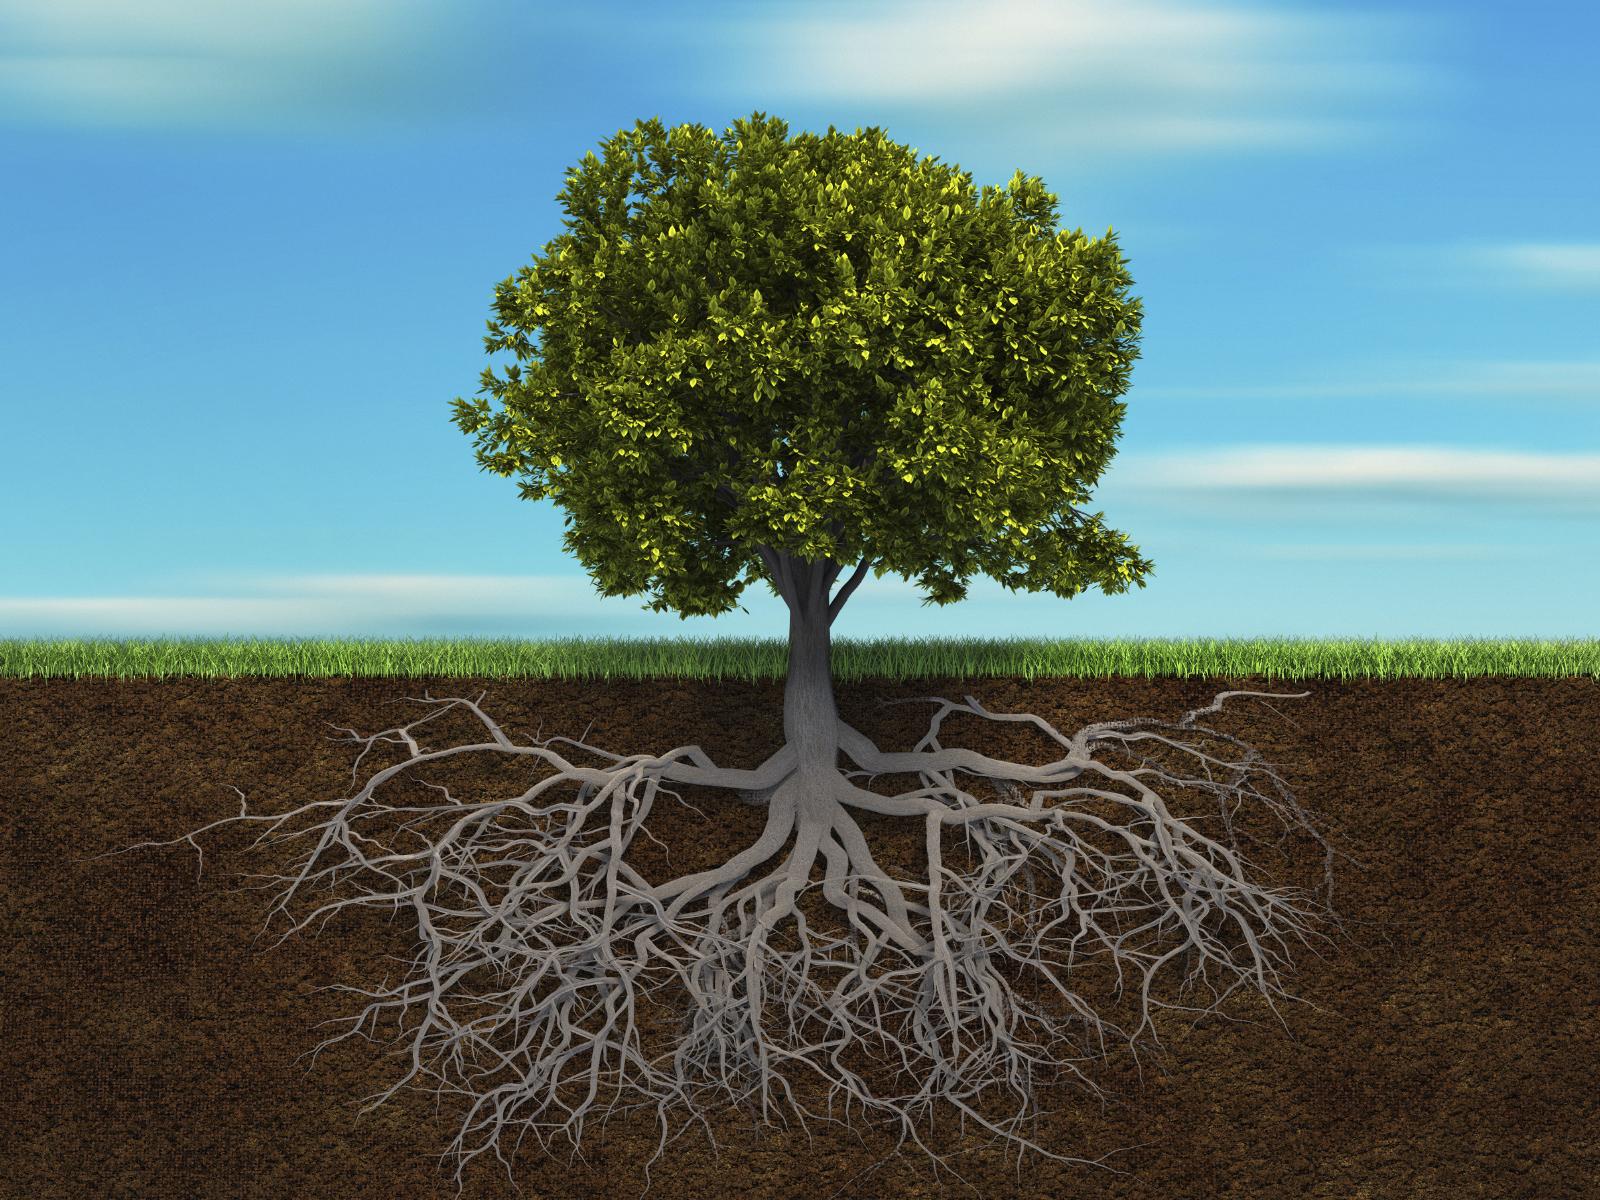 大きな木は大きな根っこがあってこそ